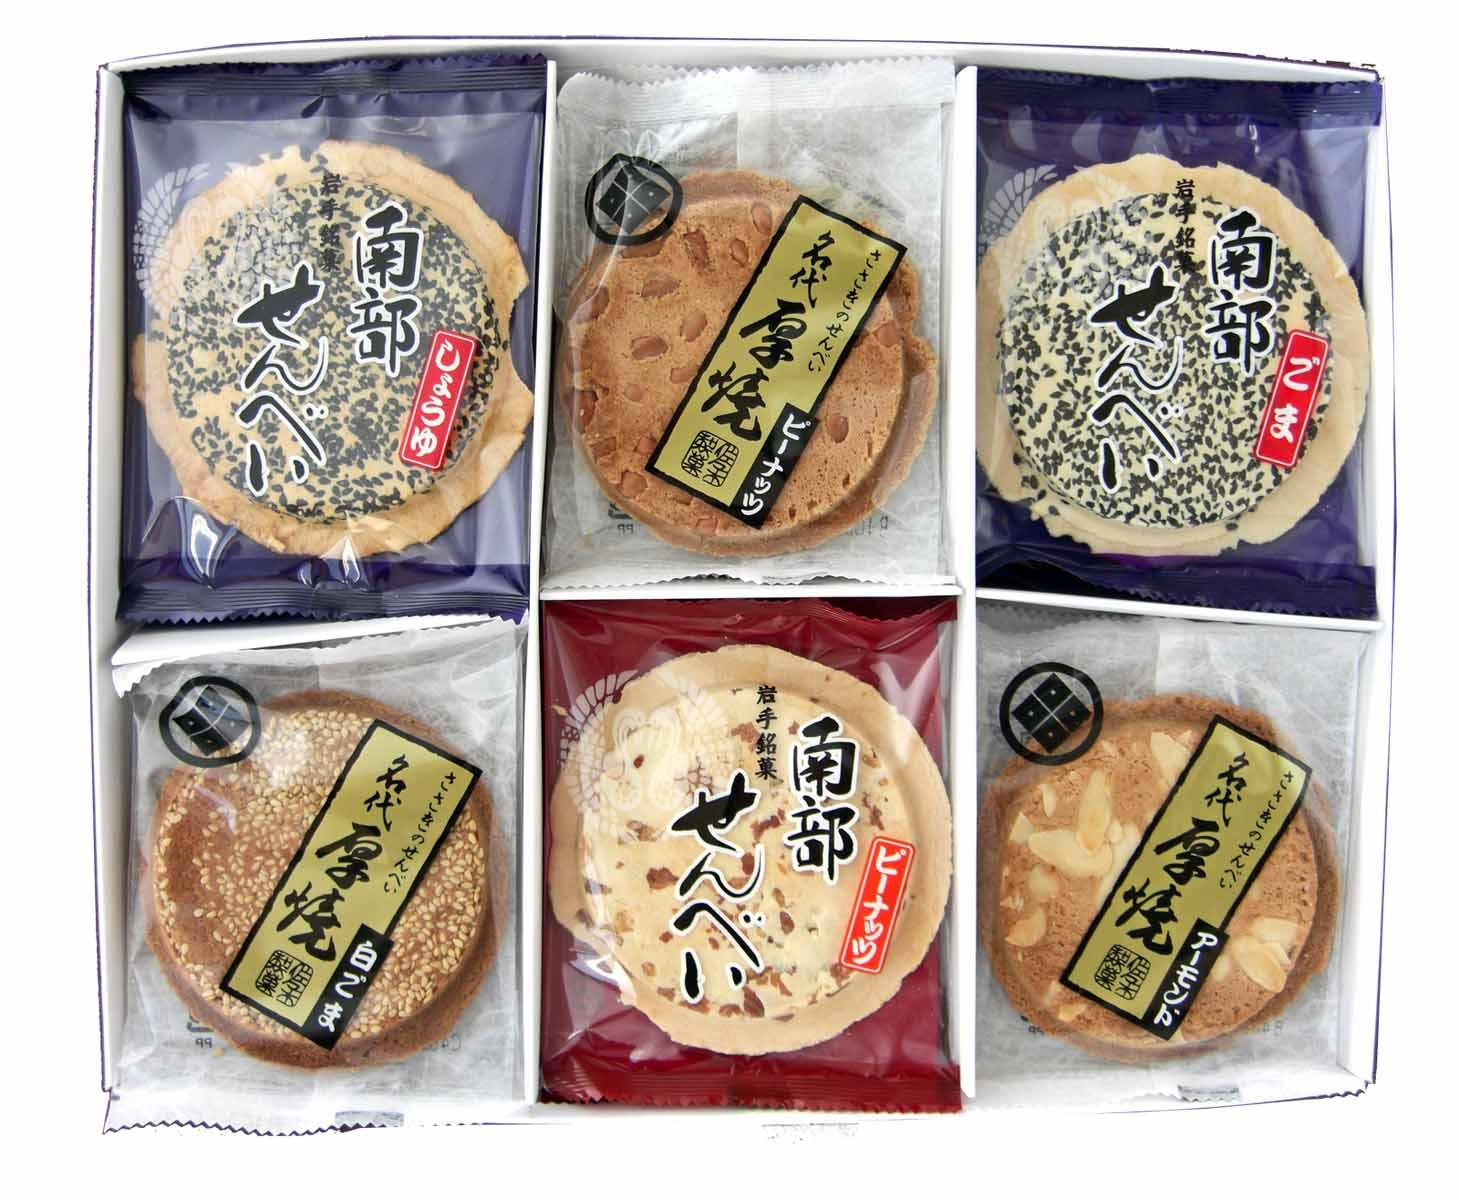 厚焼南部詰合せ 【18枚箱入】佐々木製菓